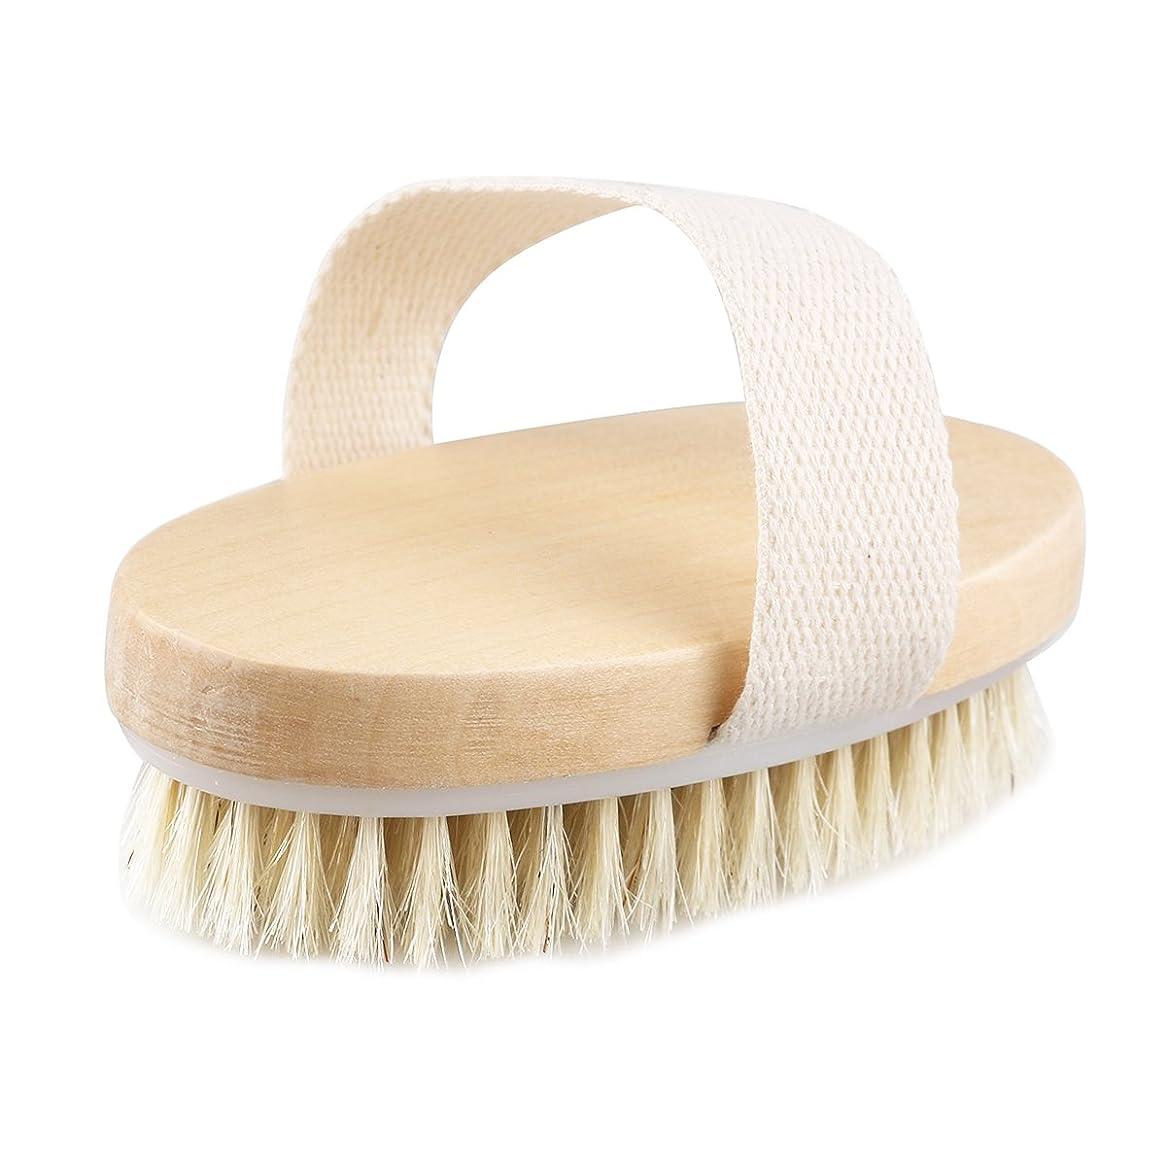 必要とするにじみ出る王族TOPBATHY 木の浴室のシャワーの剛毛のブラシのハンドルなしのボディブラシ